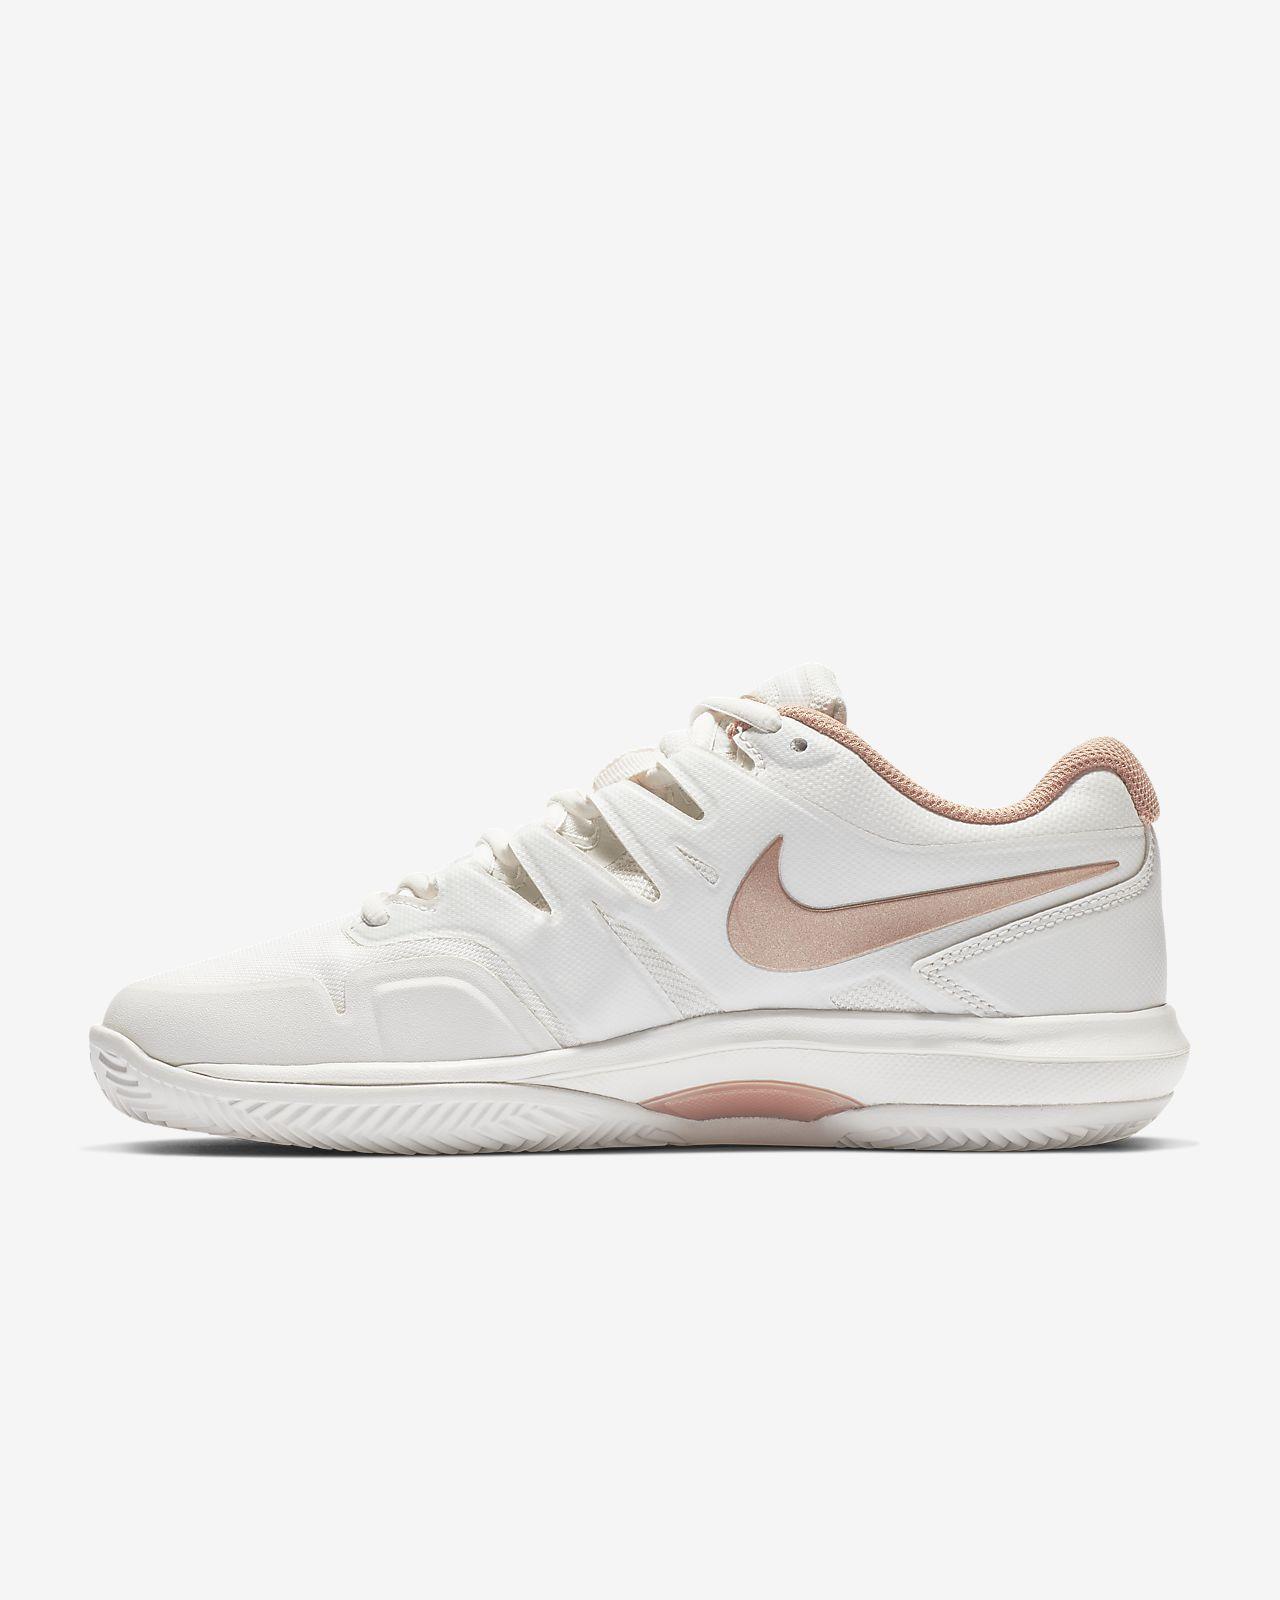 size 40 6af05 34515 ... Nike Air Zoom Prestige Clay tennissko til dame